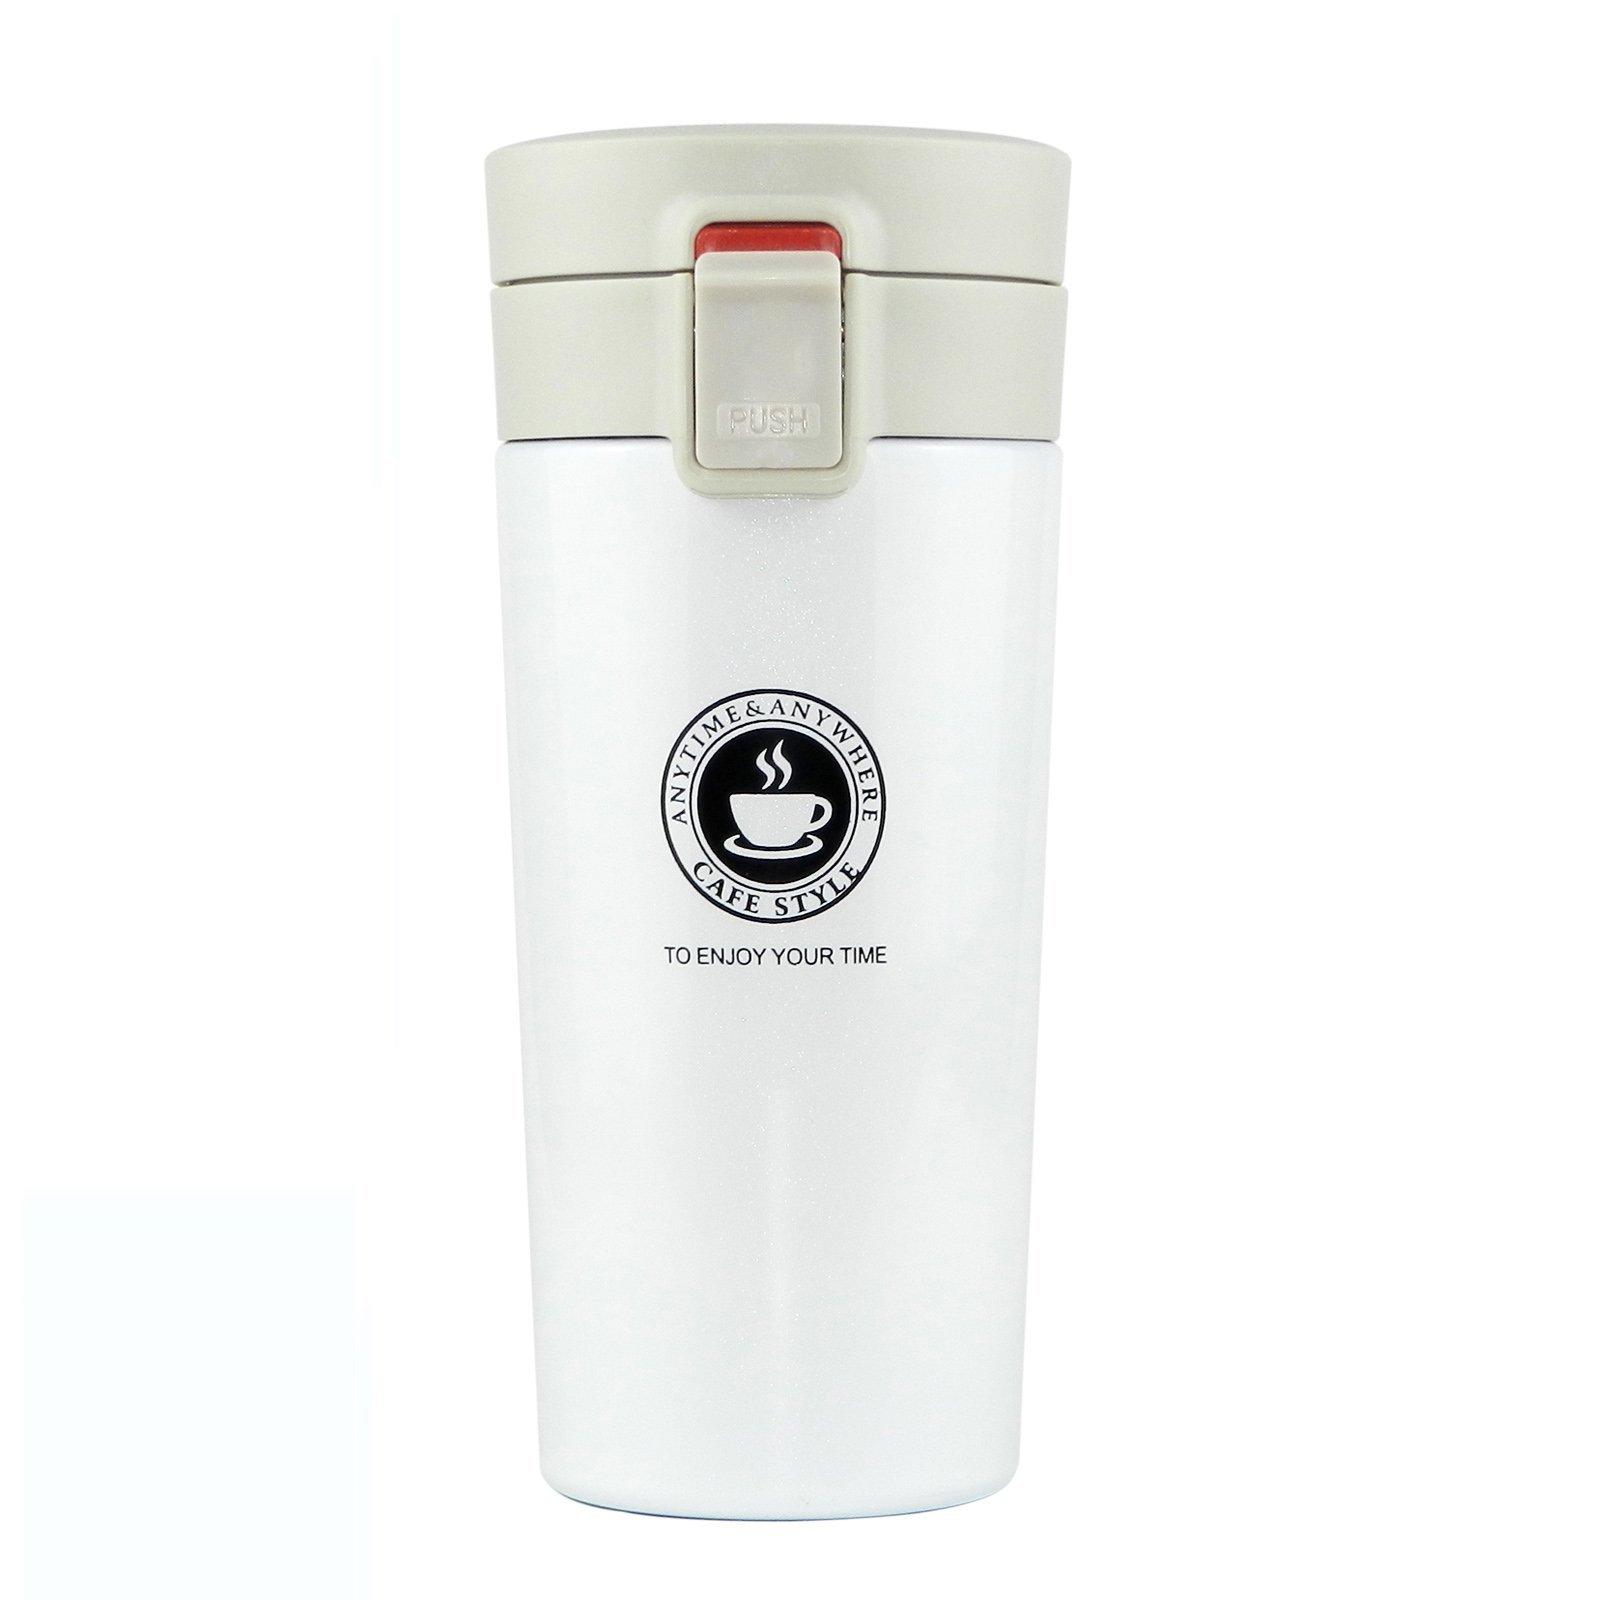 Visualizzazione temperatura della tazza tazza di caff/è Thermos Isolamento termico intelligente in acciaio inossidabile 304 Personalizza con confezione regalo e spazzola per tazza